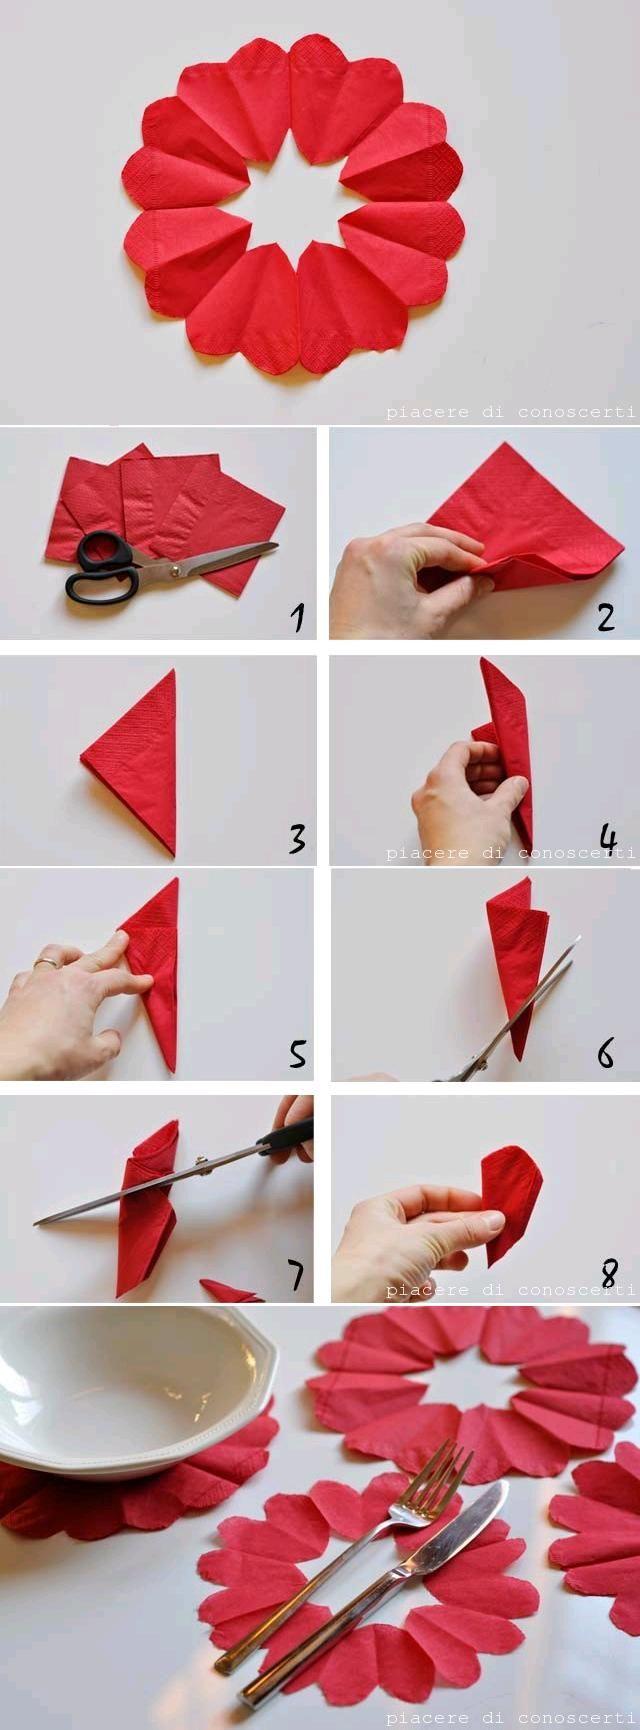 Fai da te San Valentino Napkin Ornament